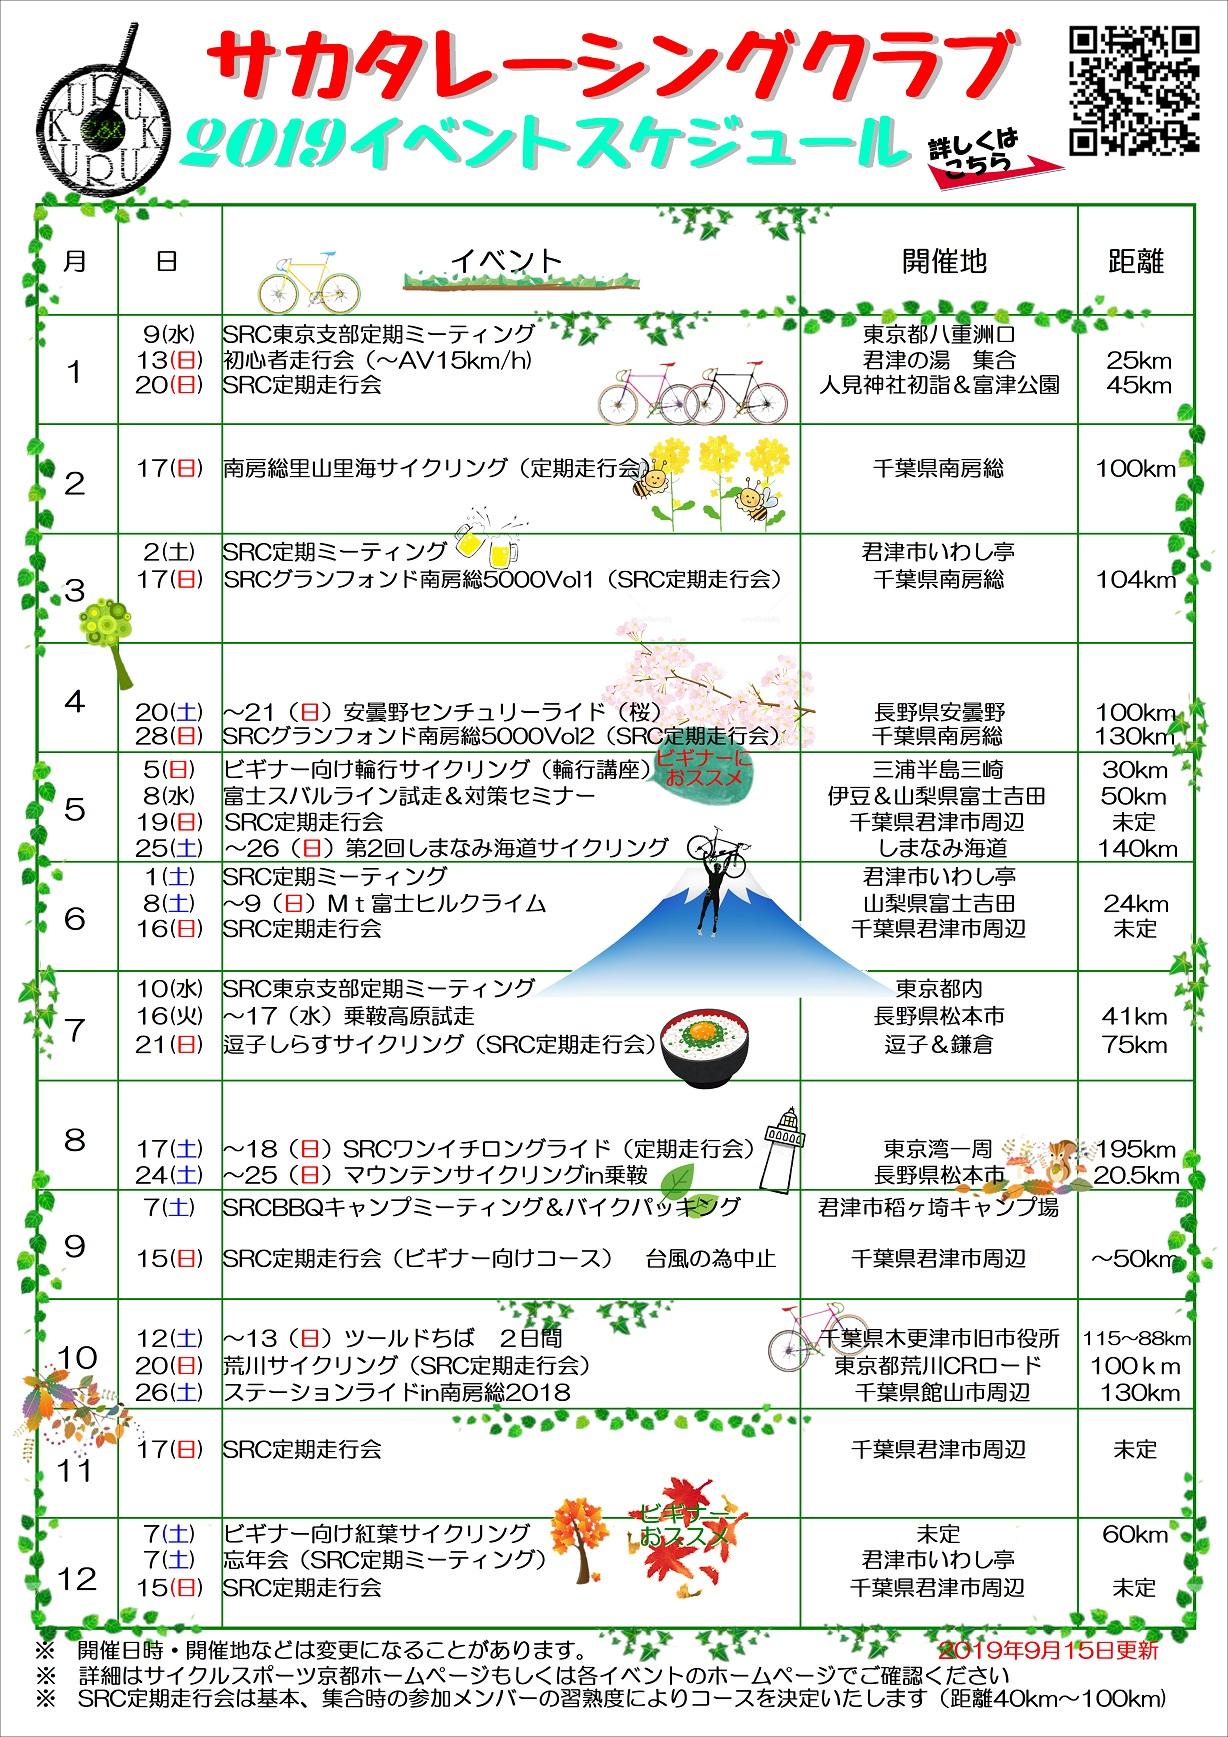 埼玉 天気 10 日間 さいたま(埼玉県)の10日間天気・18日間天気予報